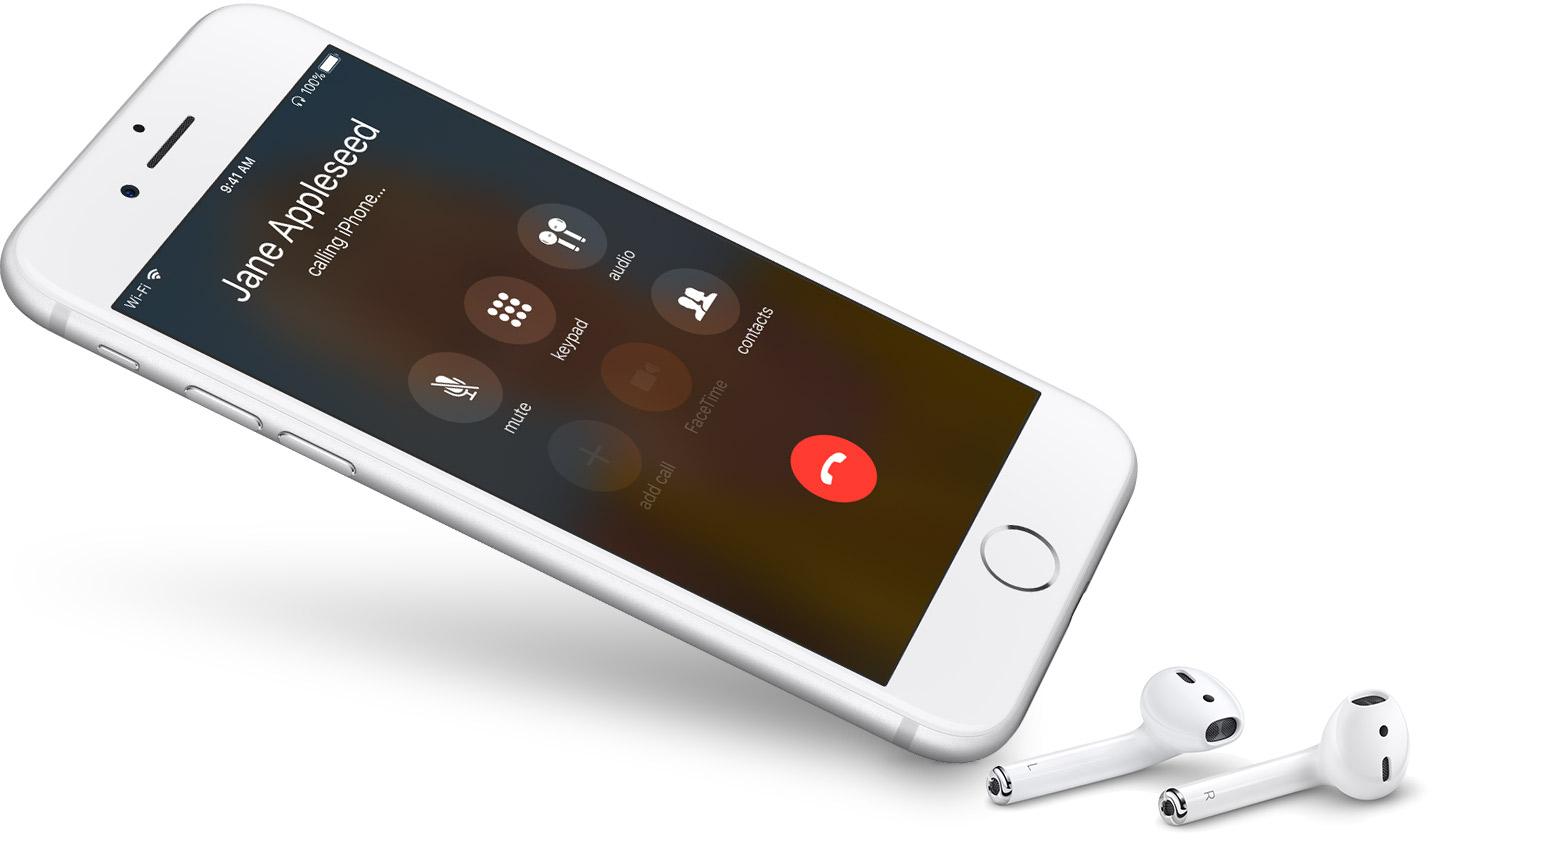 Rüyada Telefon Görmek ve Telefonla Konuşmak Ne Anlama Gelir